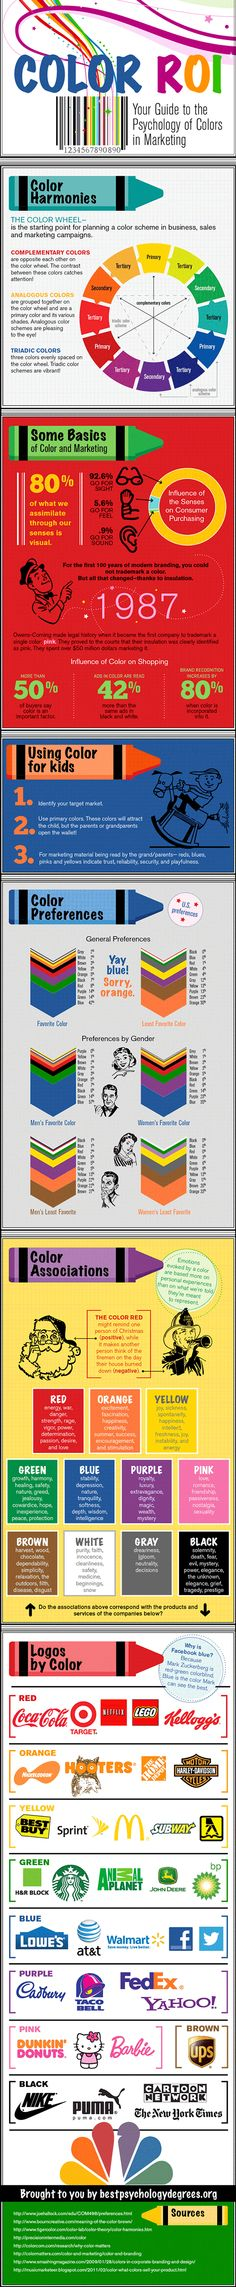 Psicologia del Color en Marketing